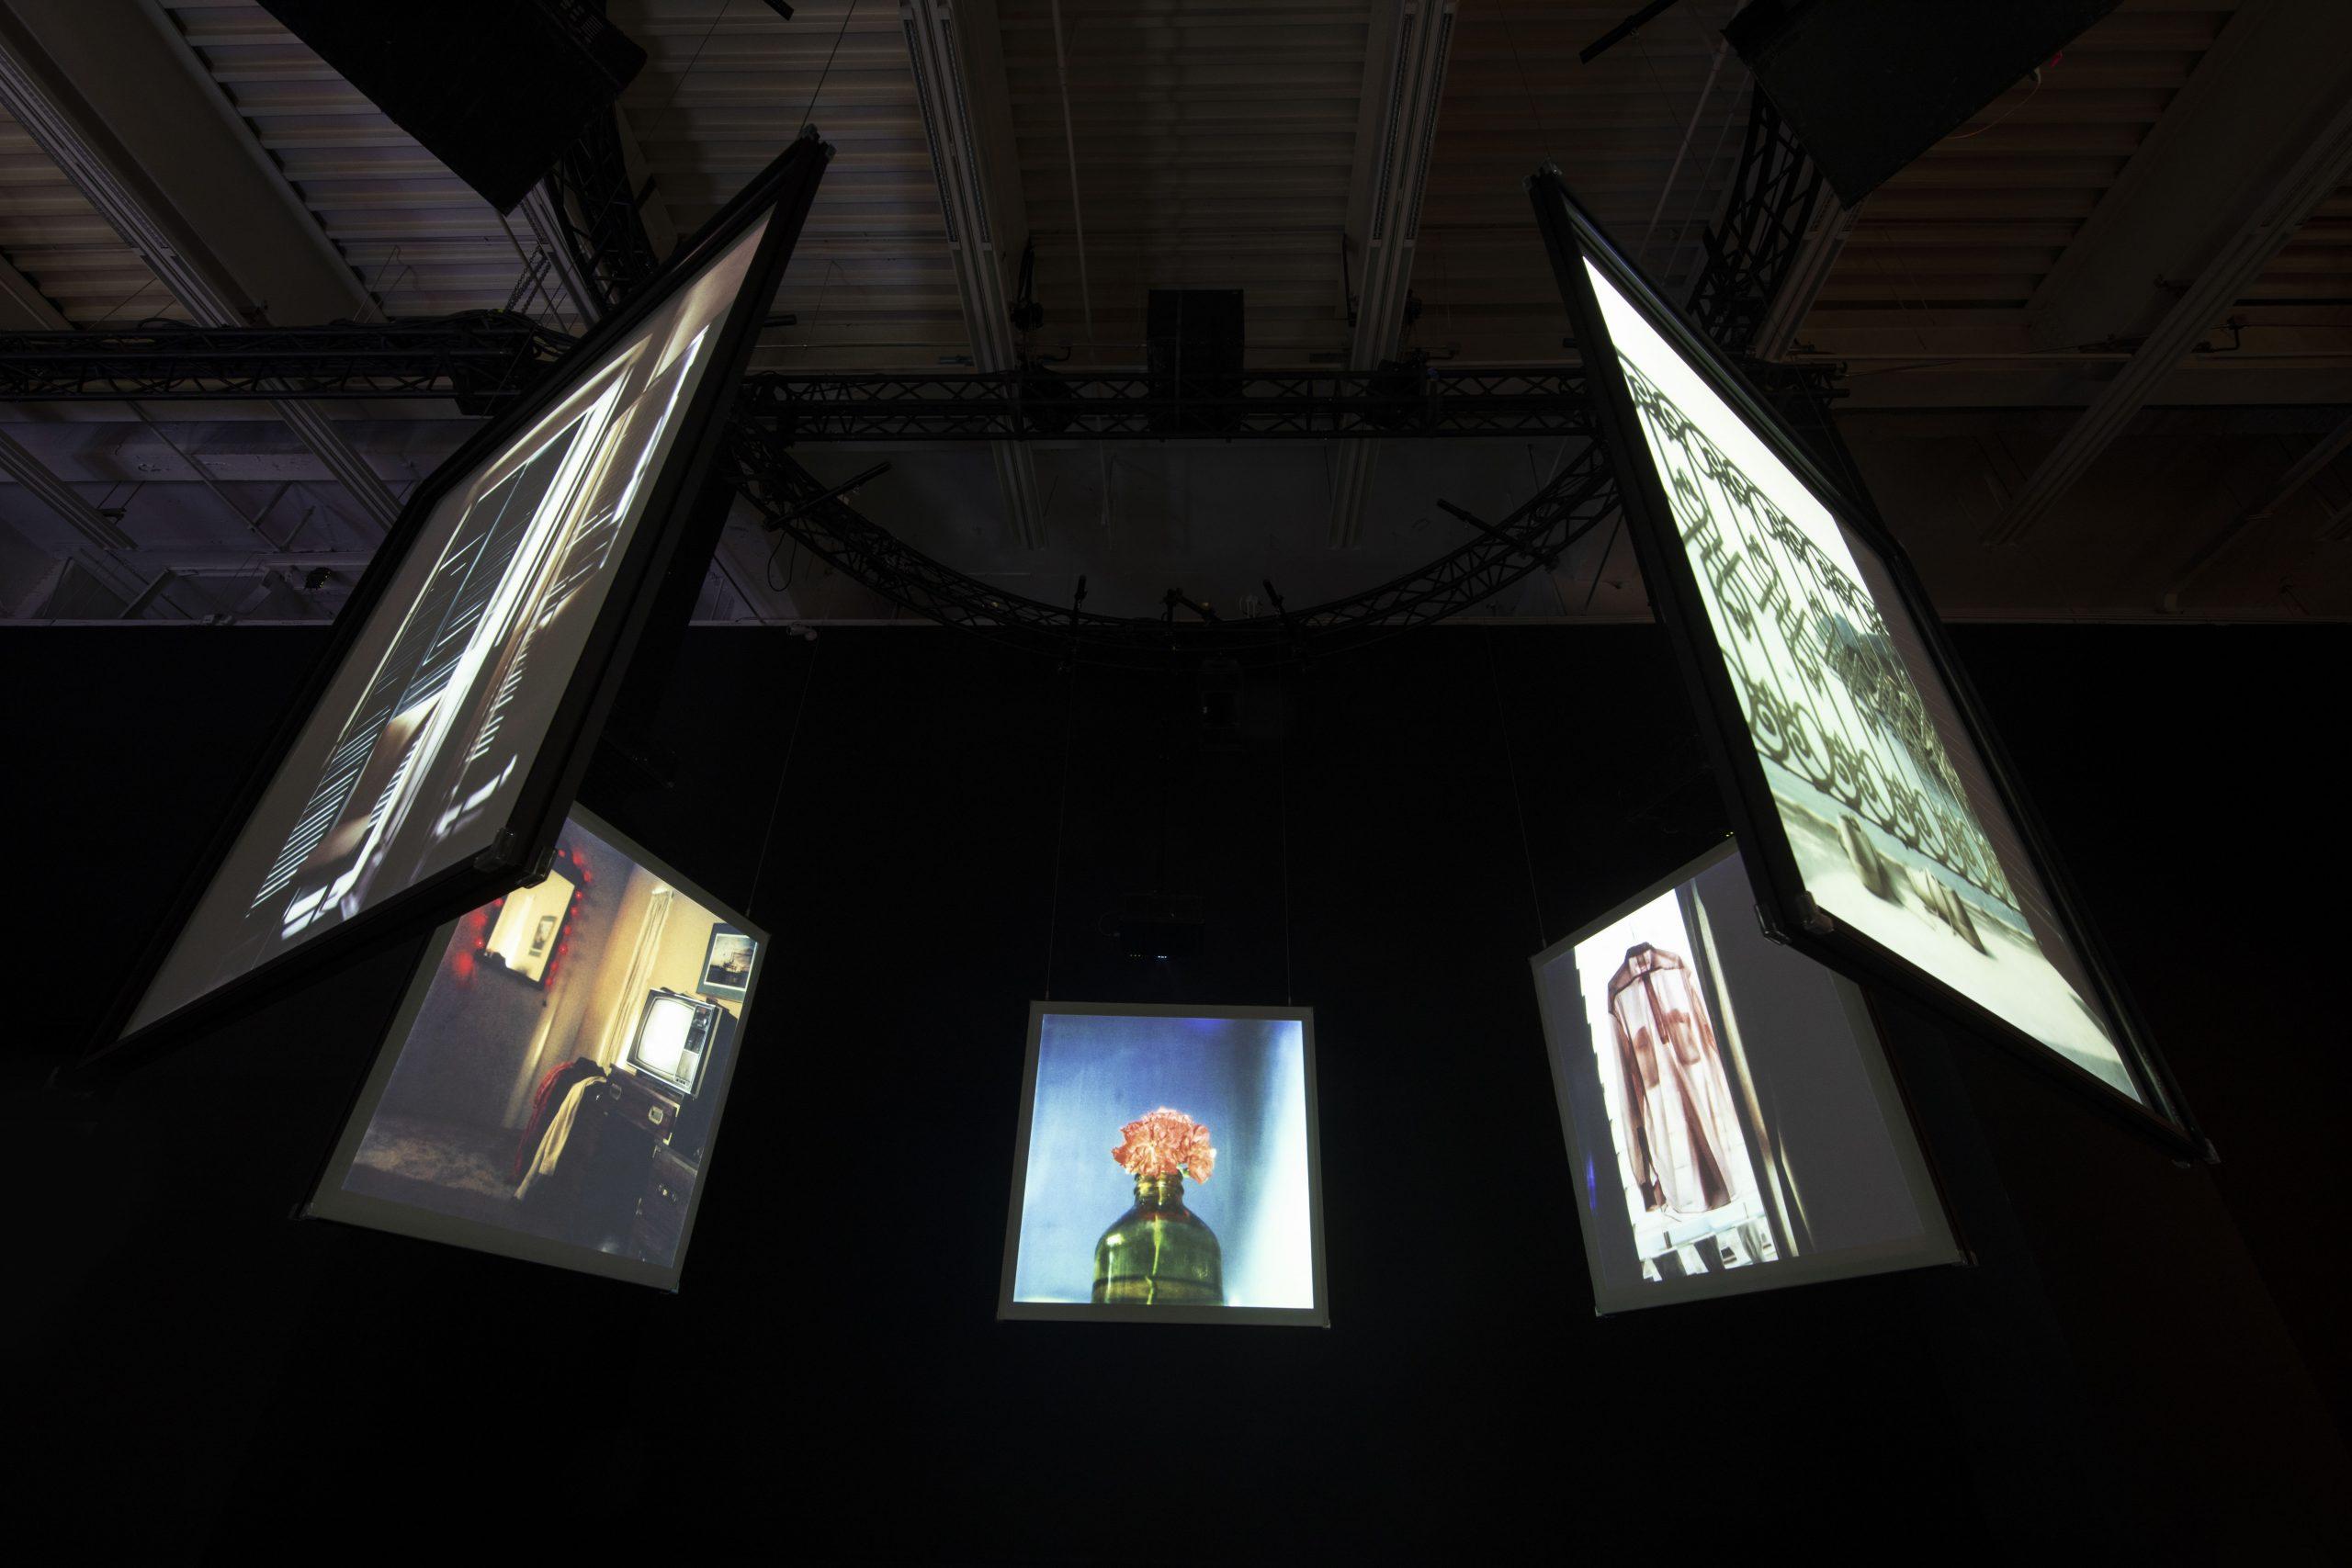 华伦天奴「再˙诠释」沉浸式体验展览活动策划够潮够艺术